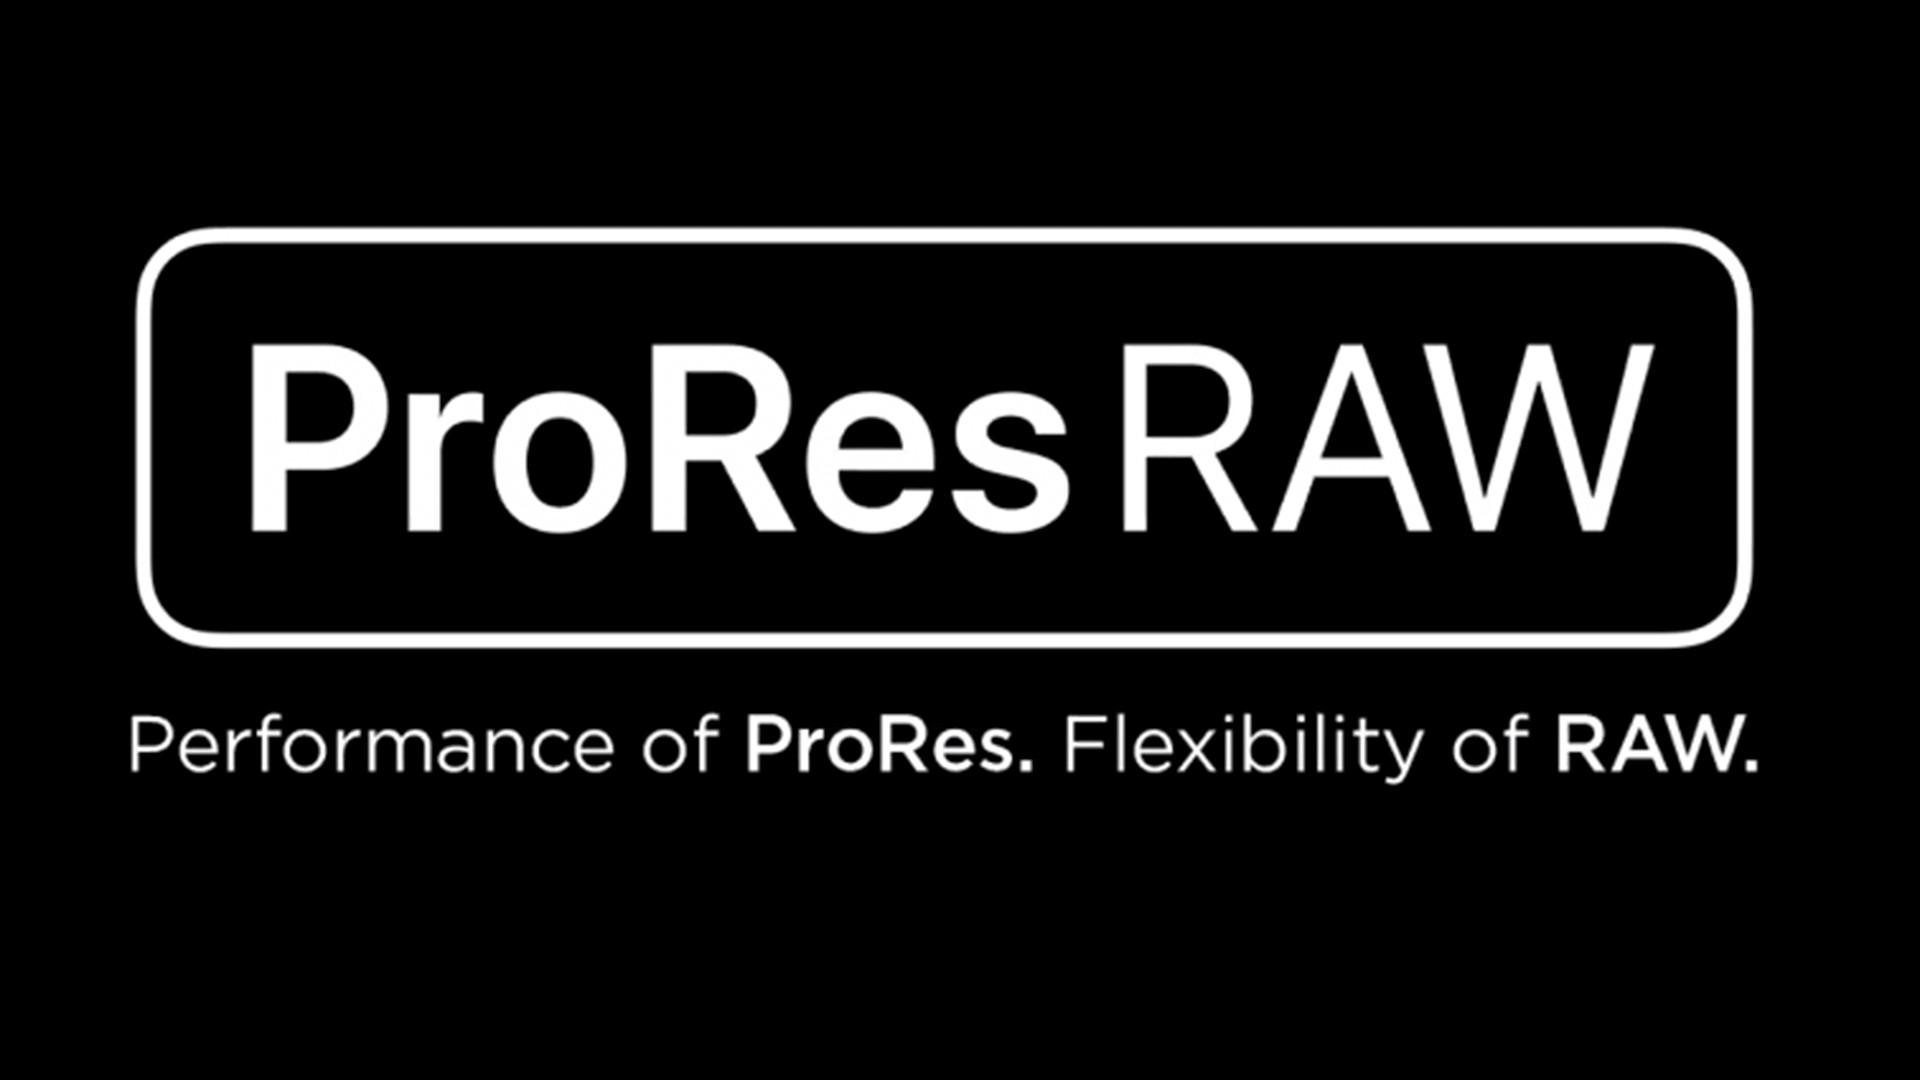 ProRes zbliża się do iPhone 13 Pro. Co to jest? ciekawostki prores raw, prores, iPhone 13 Pro, co to jest prores, apple prores raw  Wraz z premierą iPhone'a 13 spodziewamy się nie tylko wielu innowacji, ale także iOS 15 i ProRes. Co to jest ProRes i dlaczego użytkownicy smartfonów Apple tego potrzebują? proresraw